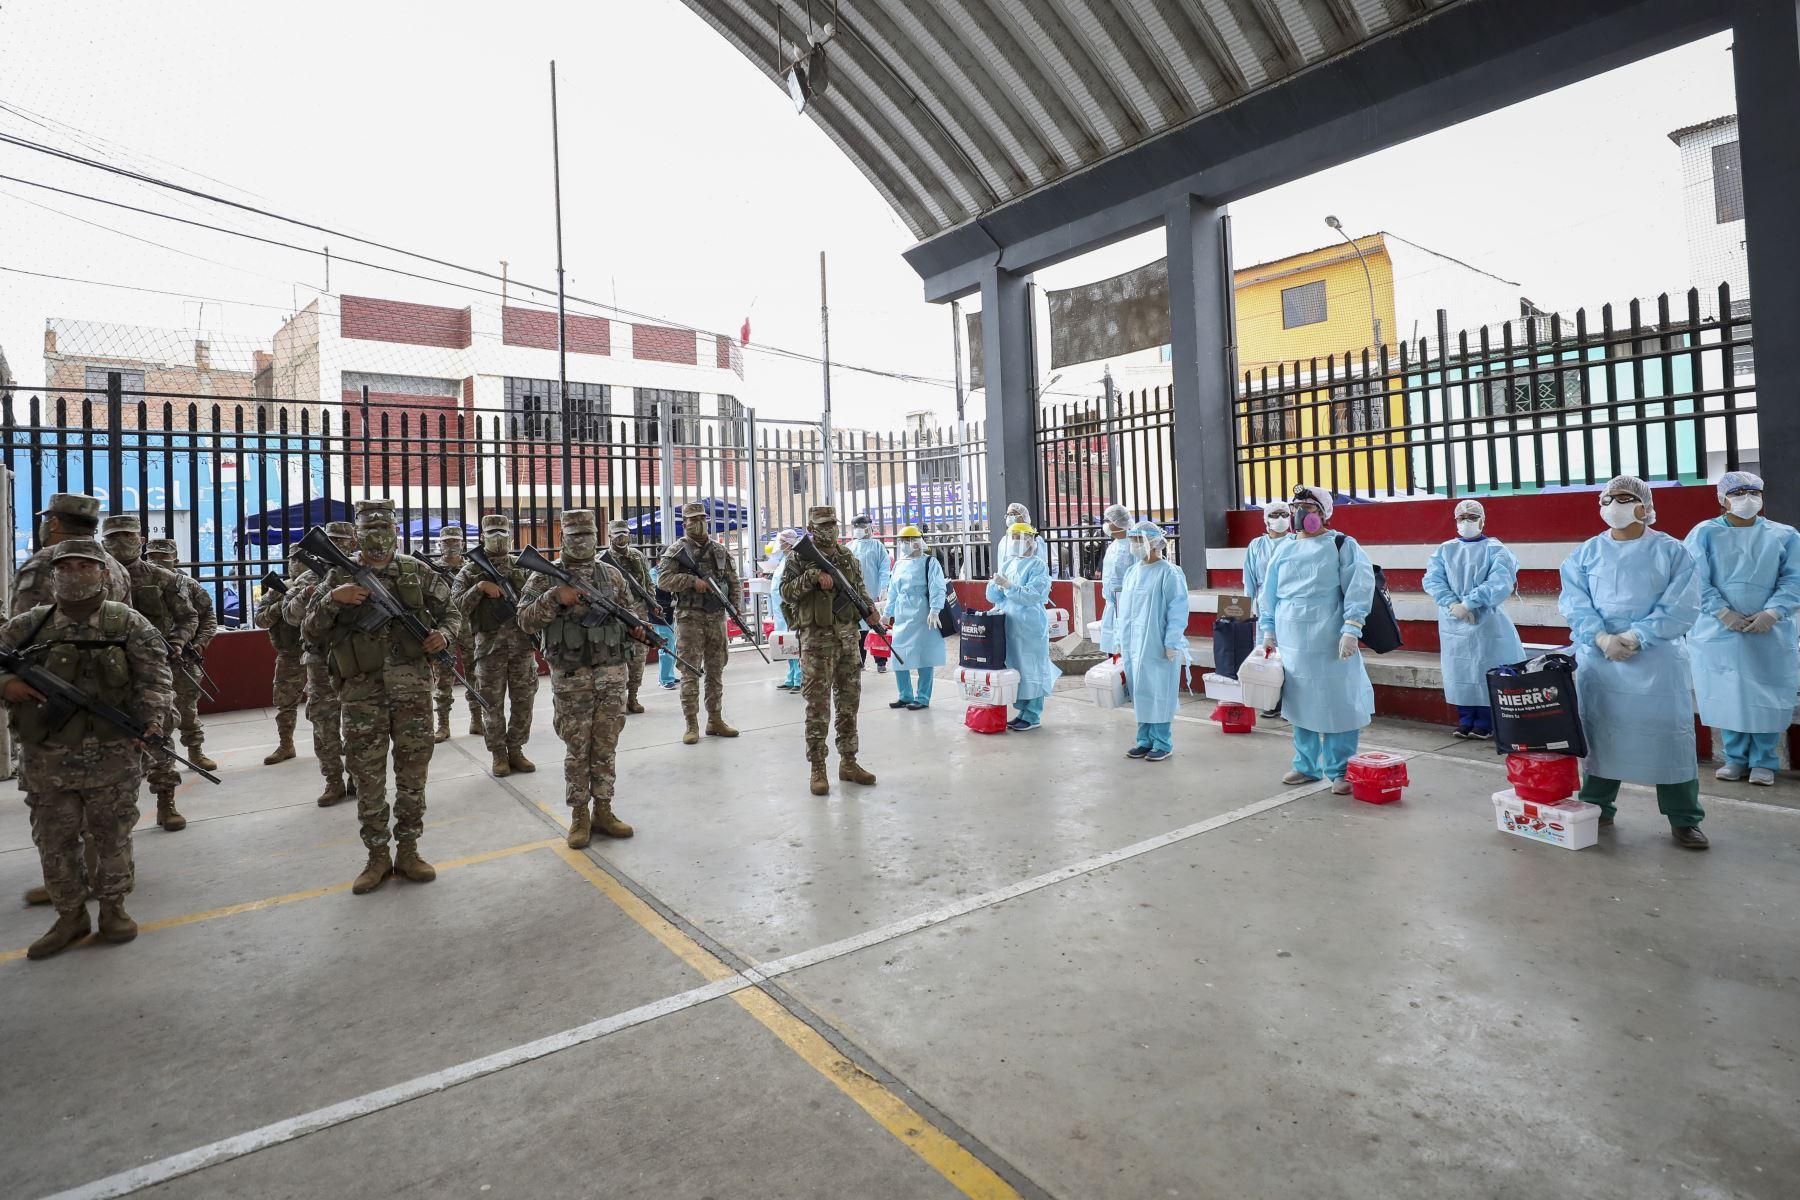 El Alcalde Jorge Muñoz supervisó la  operación Tayta en el Cercado de Lima, en el marco de continuar en la lucha contra el Covid-19 Foto:ANDINA/MLM.